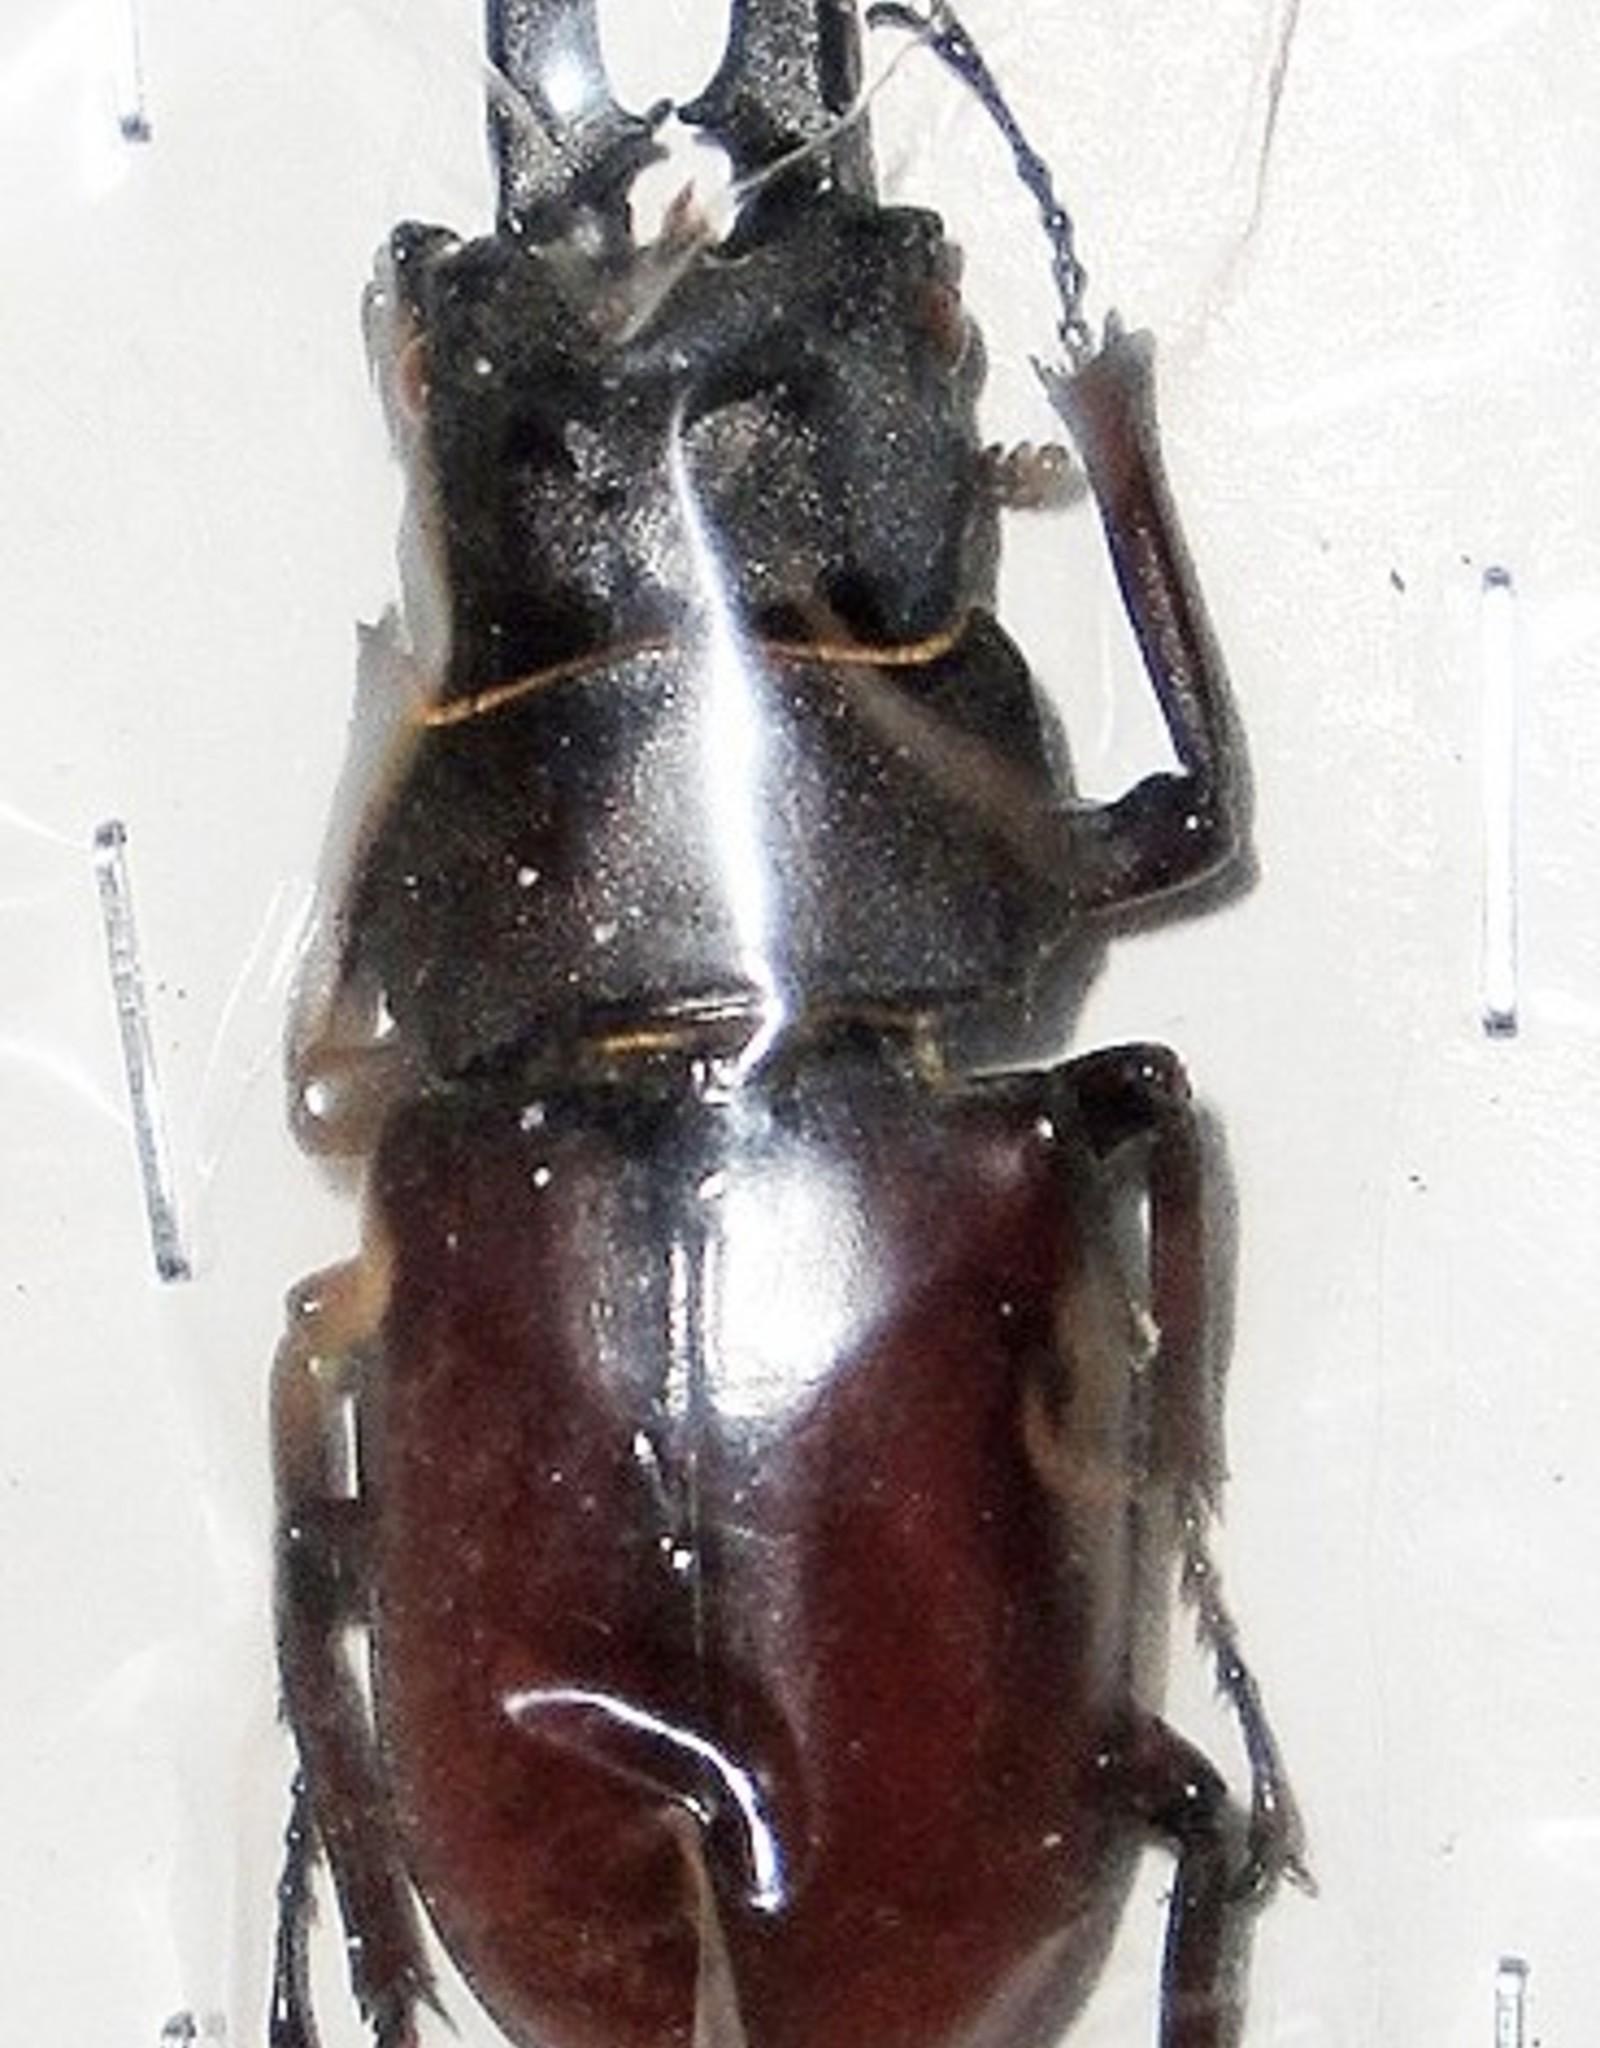 Prosopocoilus blanchardi parry M A1 South Korea 5.1 cm